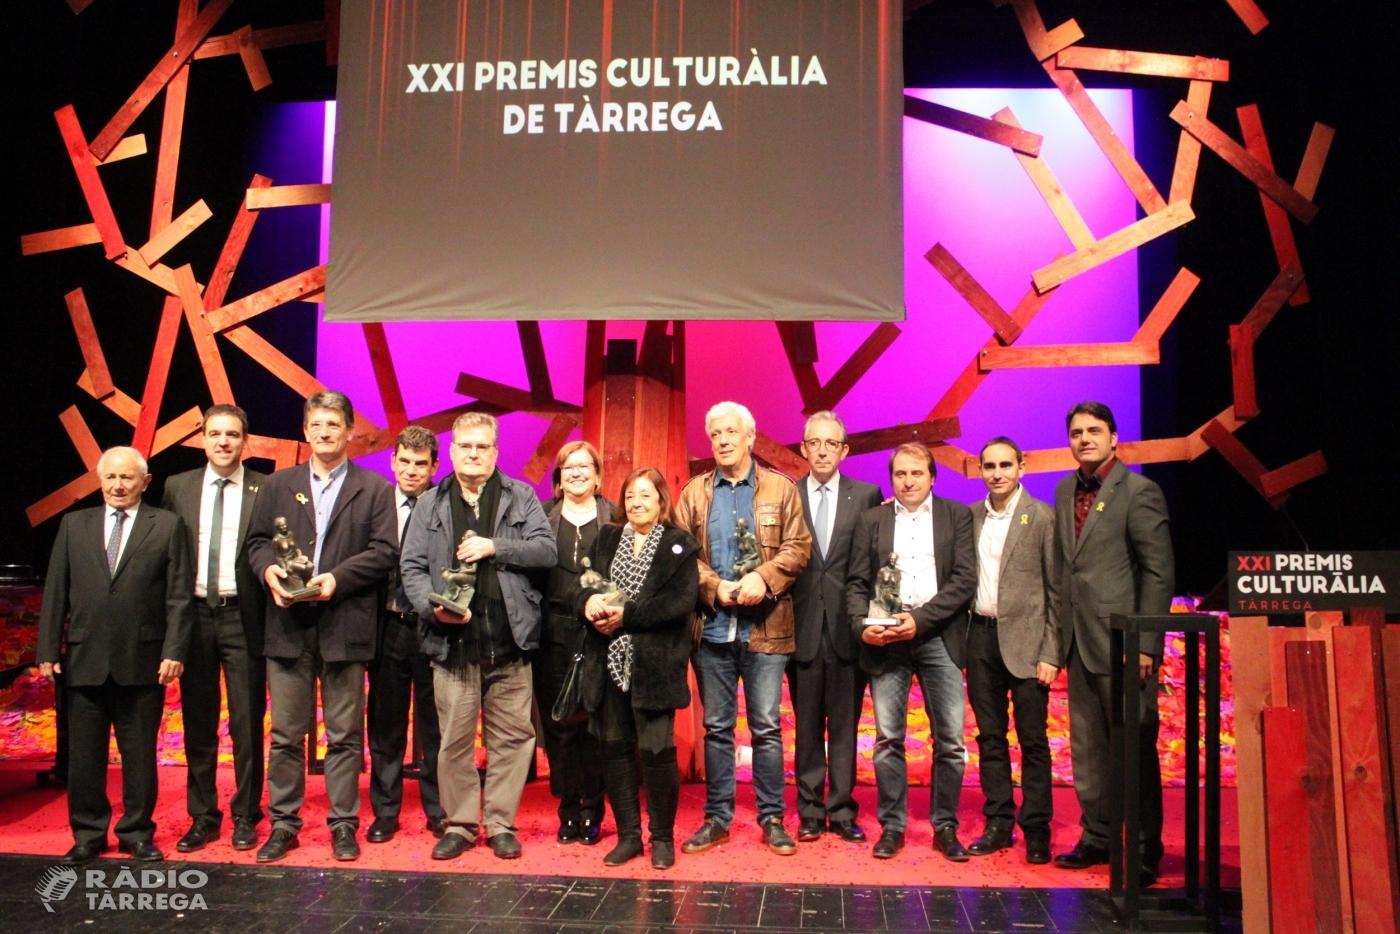 Tàrrega lliura els Premis Culturàlia 2018 en reconeixement a la tasca de persones i entitats del territori